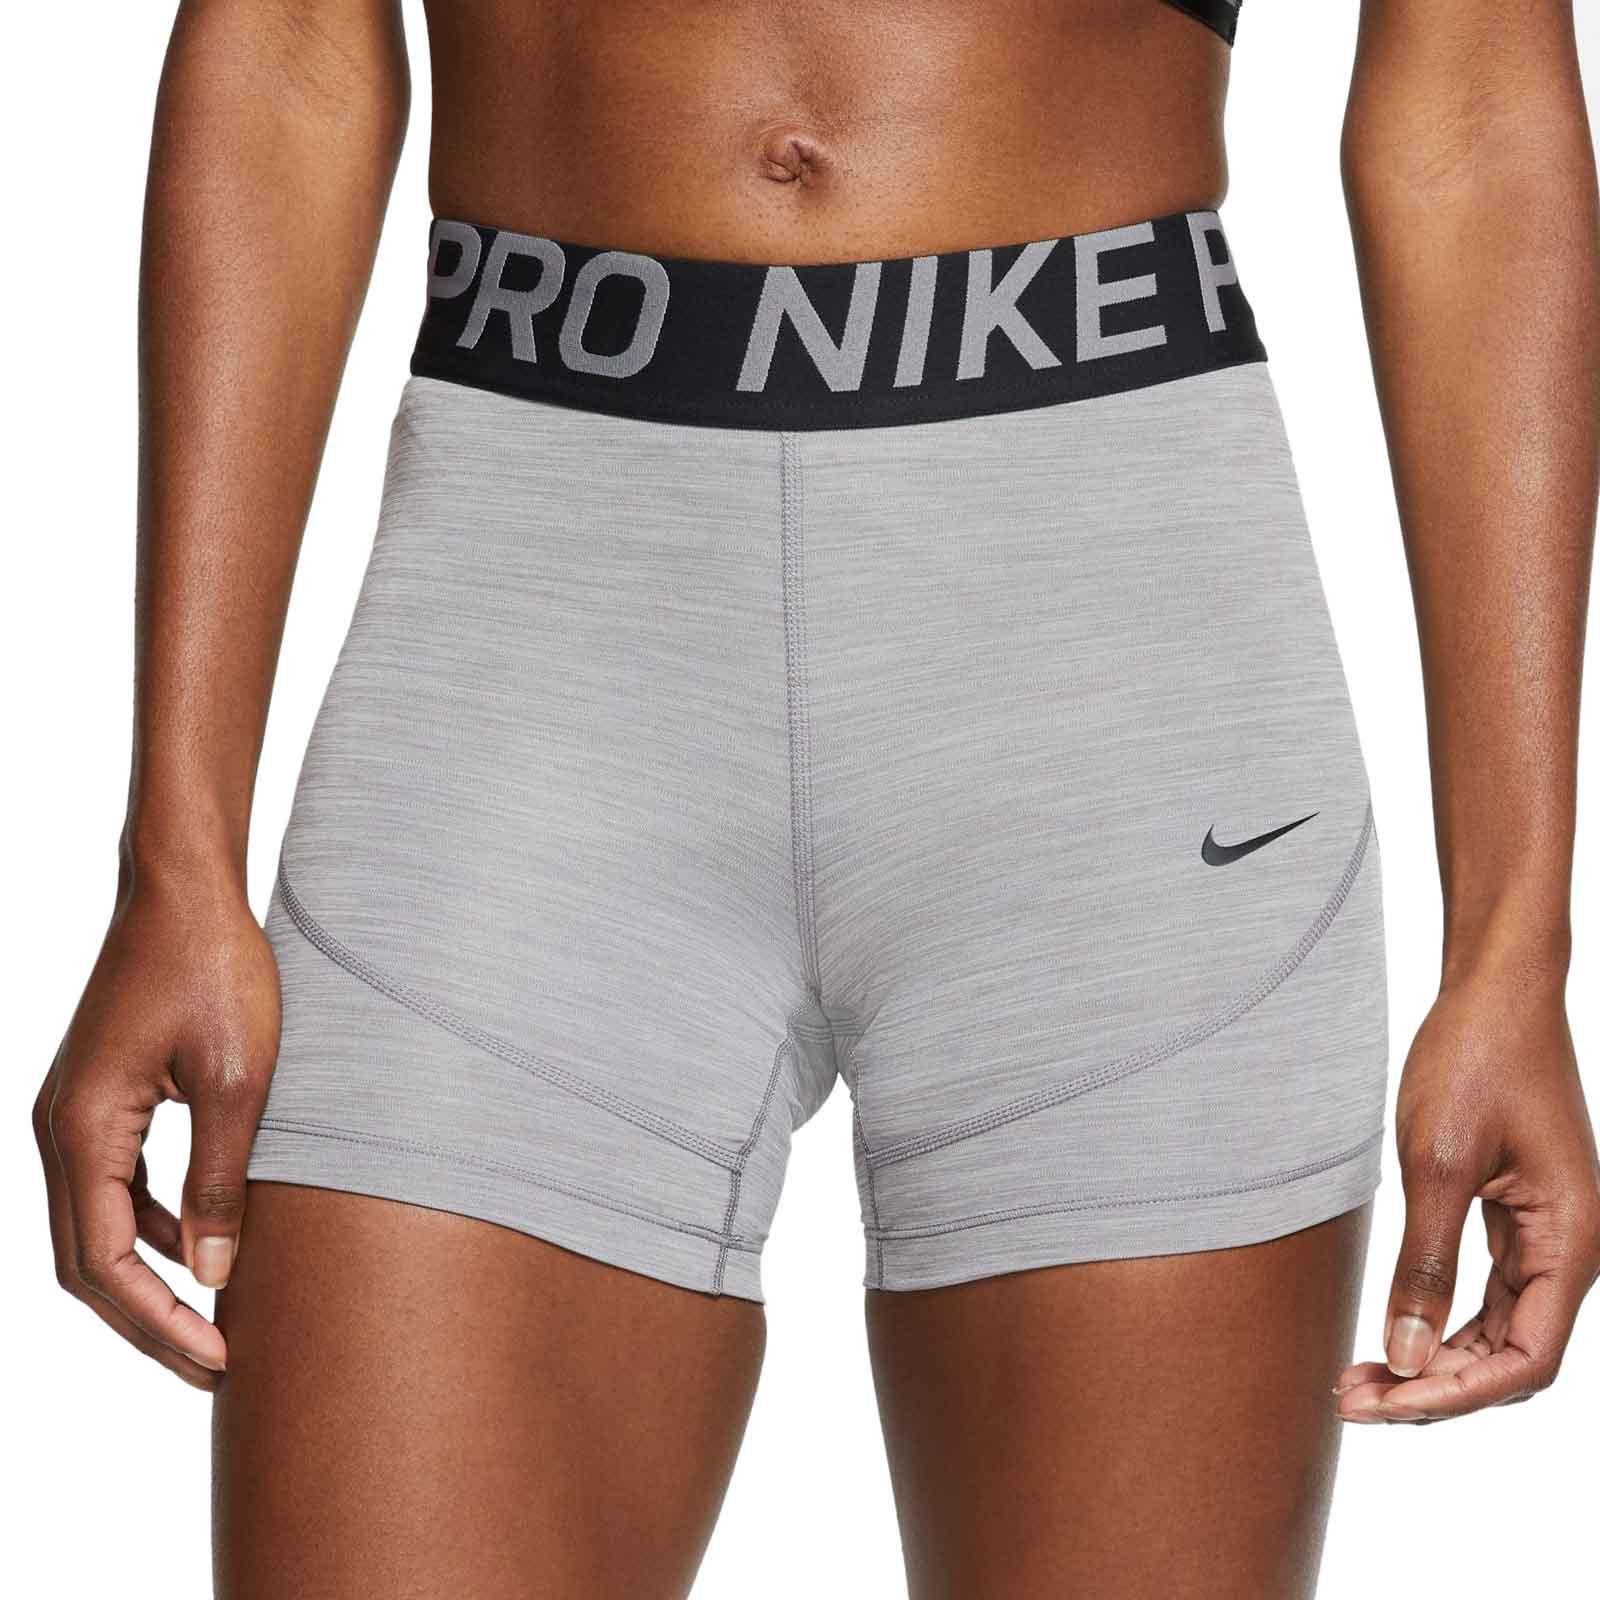 Malla Nike Pro Mujer Gris Futbolmania